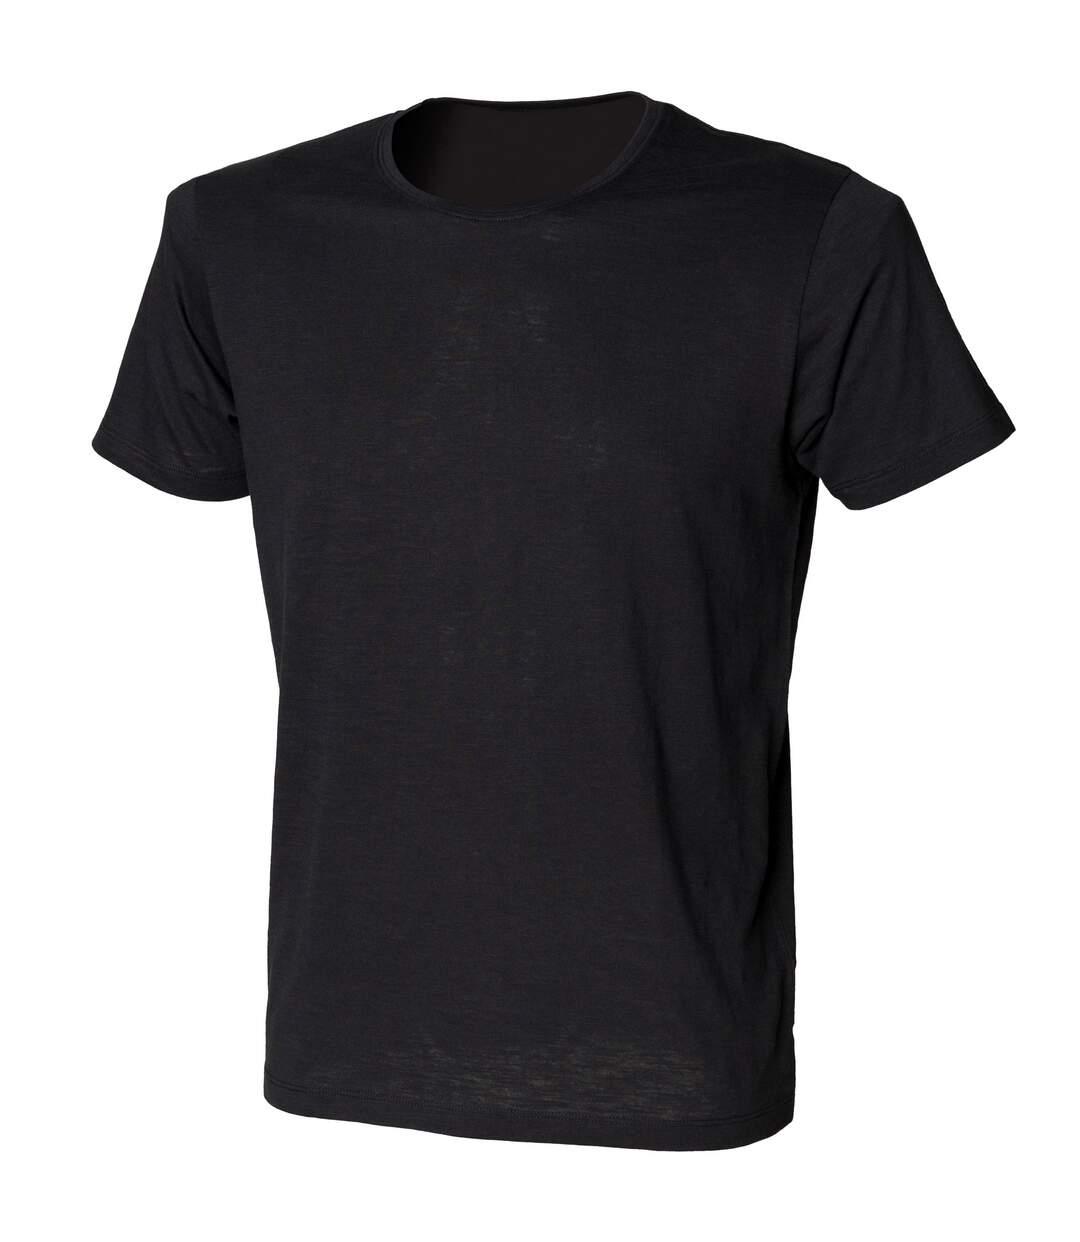 Skinni Fit - T-shirt à manches courtes - Homme (Noir) - UTRW1391